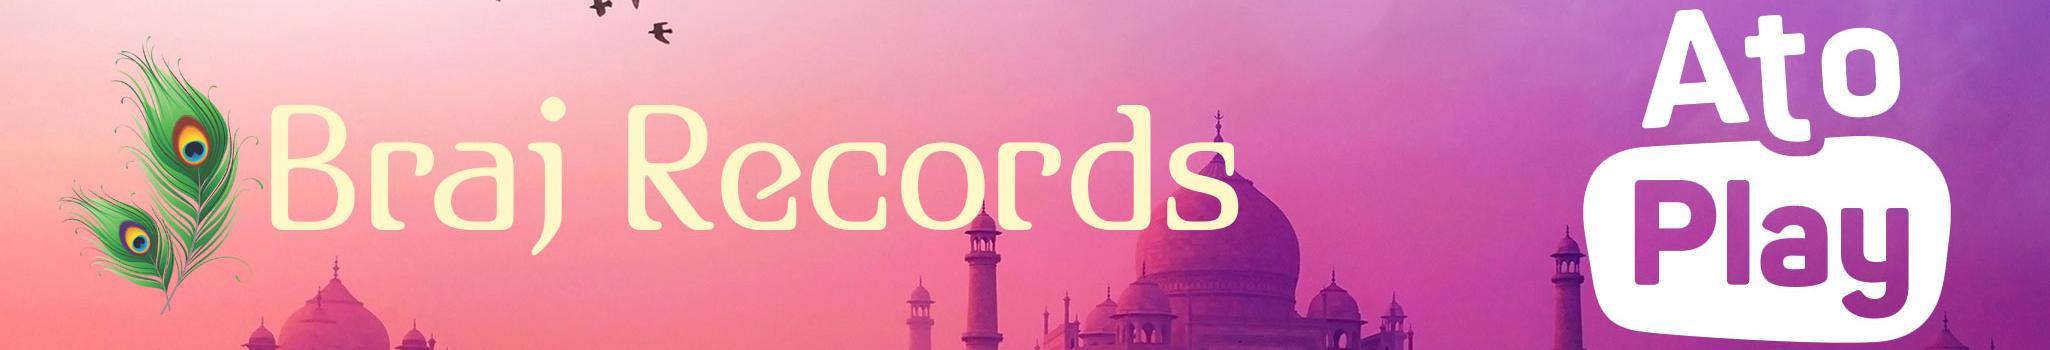 Braj Records